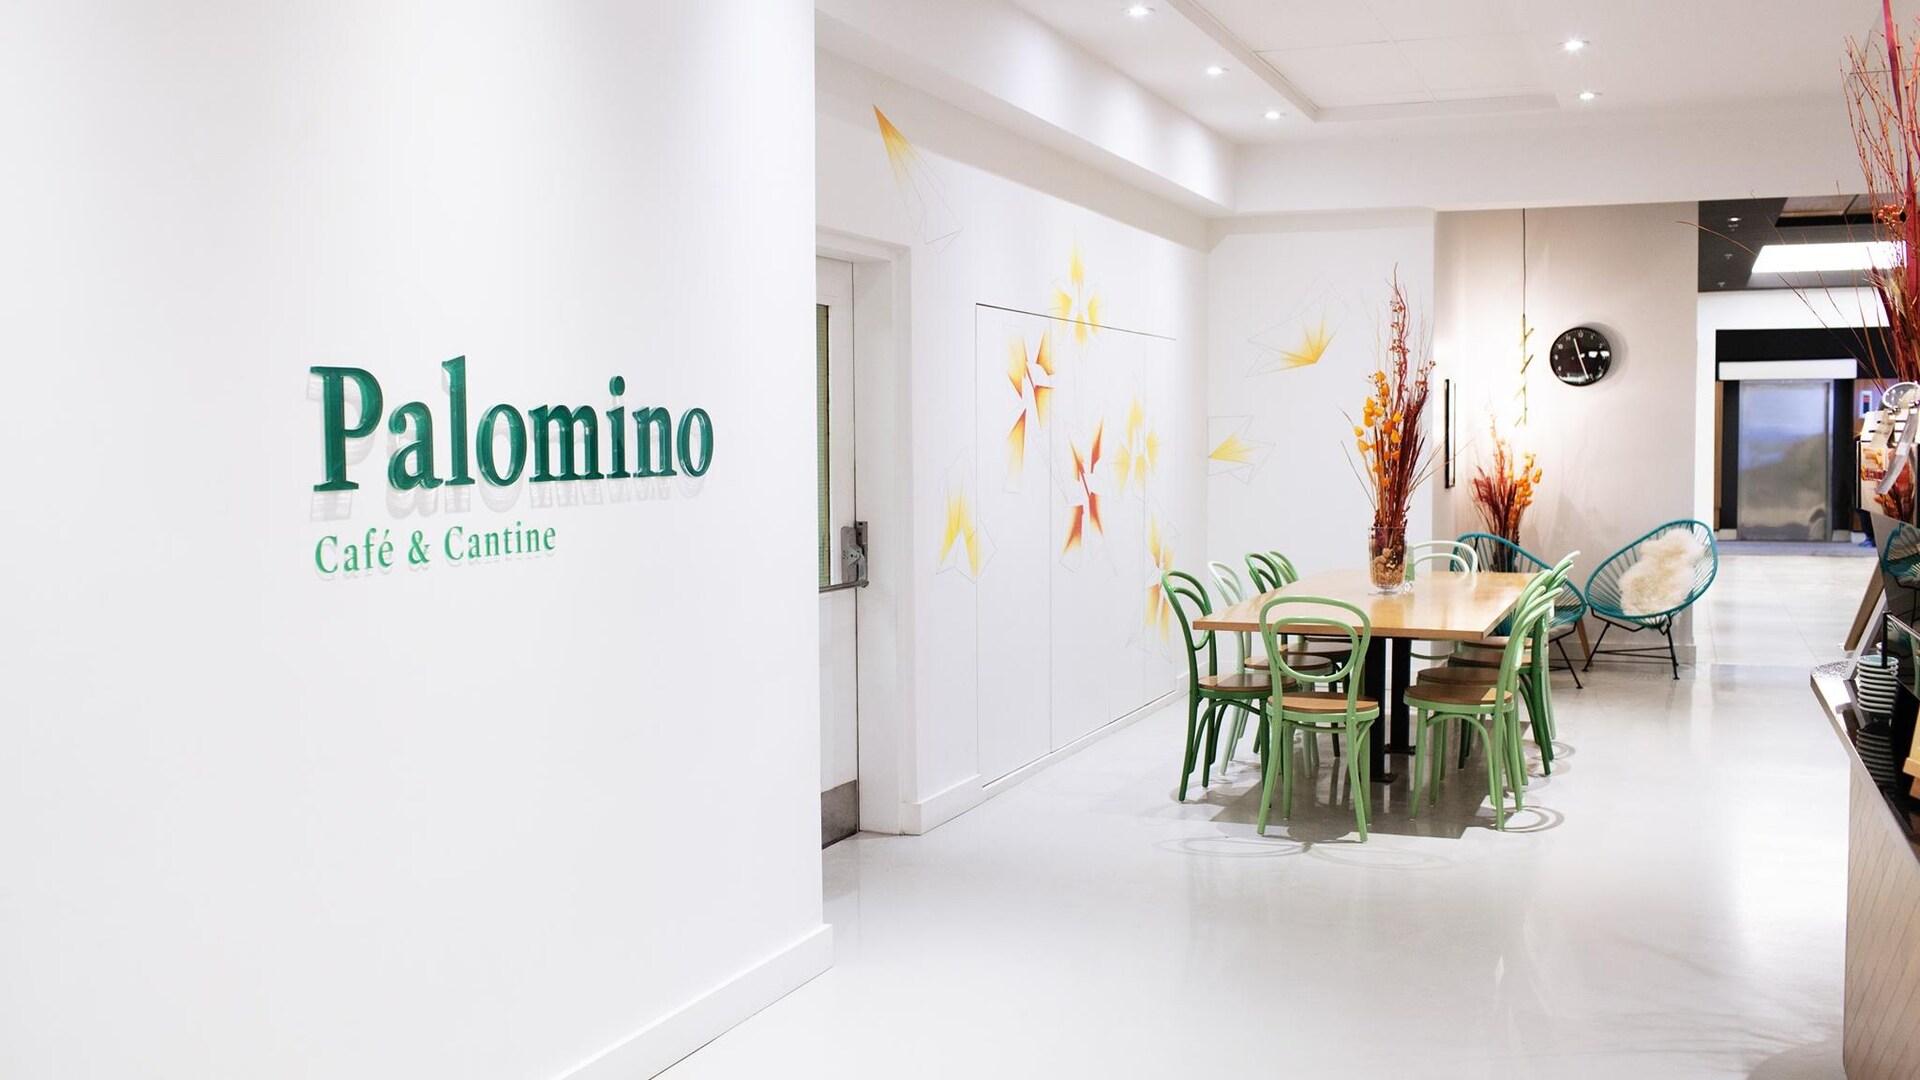 Le Palomino Café & cantine est situé dans l'édifice Delta à Sainte-Foy.